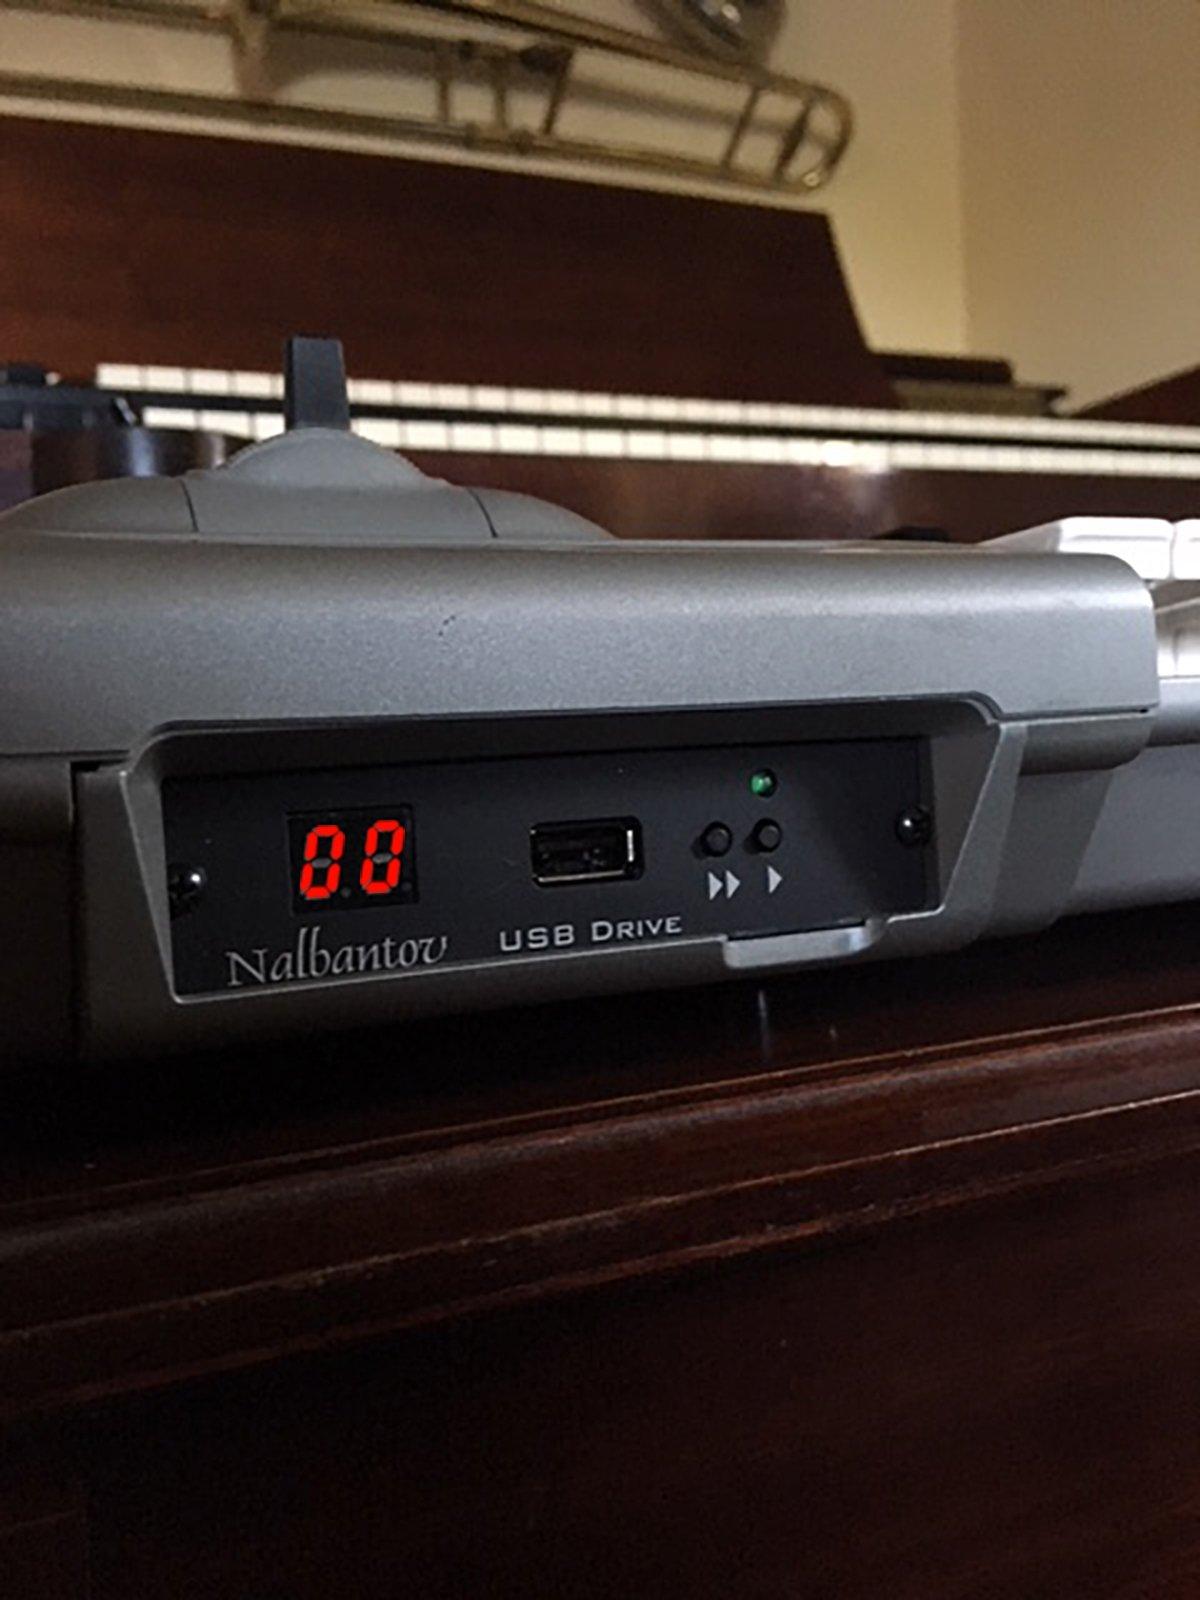 Nalbantov USB Floppy Disk Drive Emulator for Korg Trinity, Trinity Plus, Trinity Pro, Trinity Pro X, Trinity V3 by Nalbantov Electronics